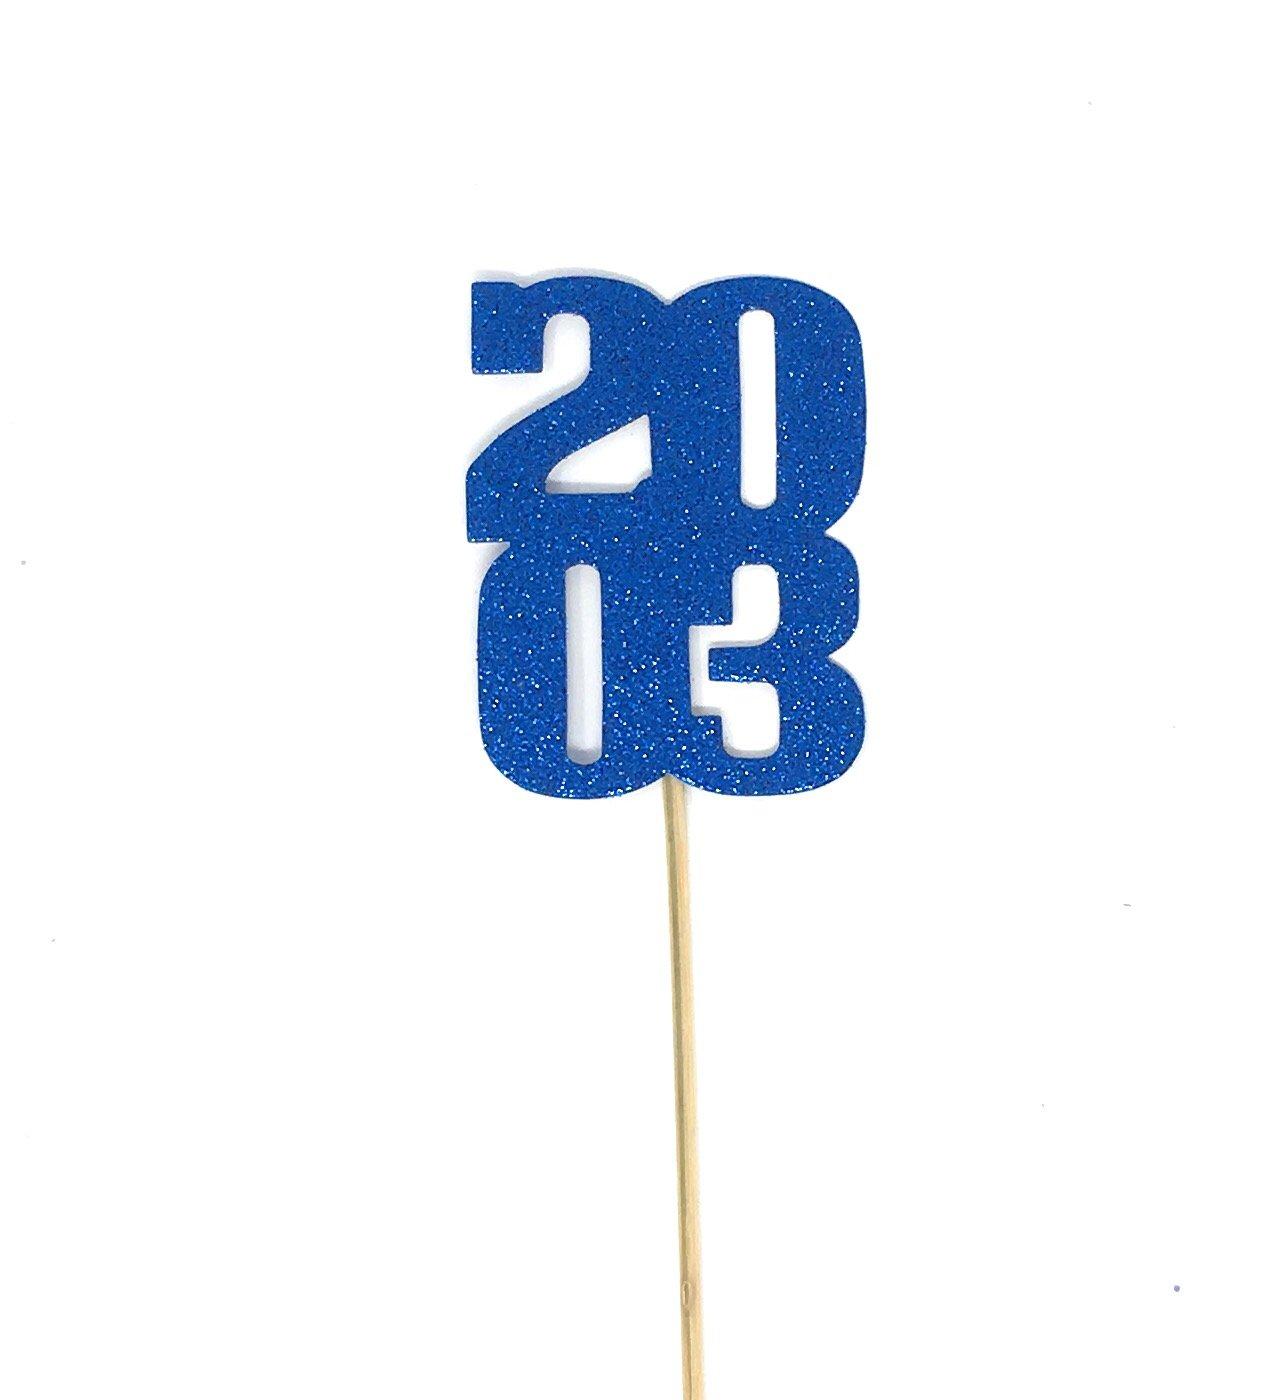 8 pack of Reunion Centerpiece Sticks for DIY Graduation Decor (2003, Blue)